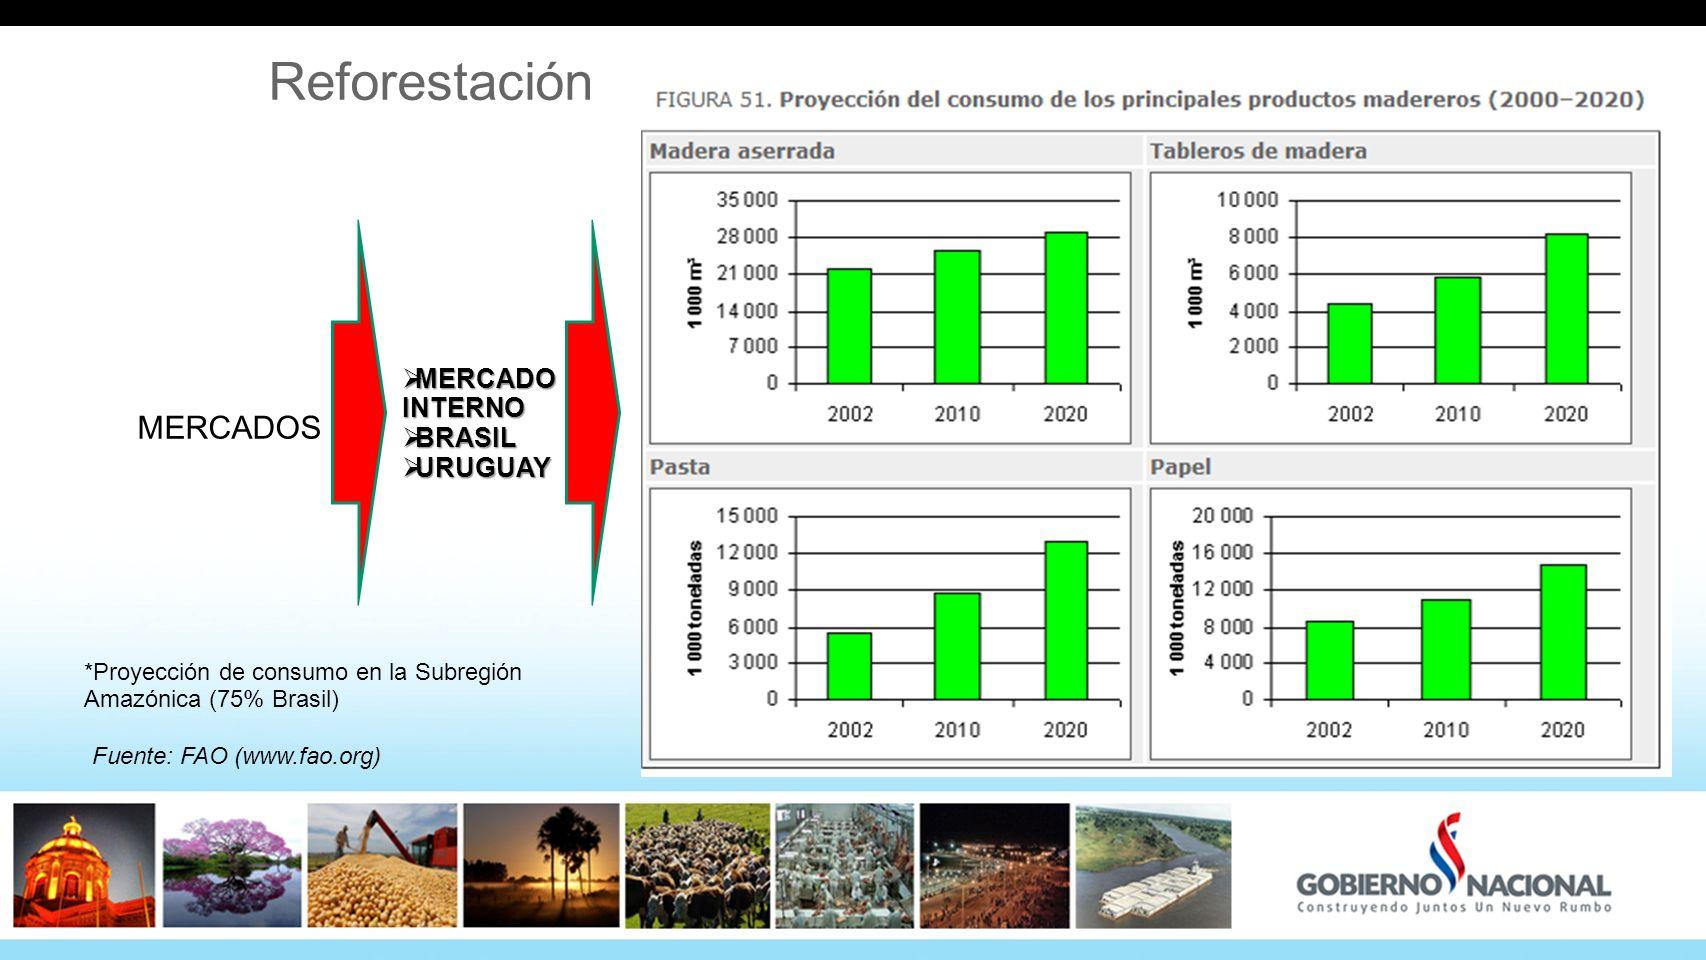 Reforestación MERCADO INTERNO MERCADO INTERNO BRASIL BRASIL URUGUAY URUGUAY MERCADOS Fuente: FAO (www.fao.org) *Proyección de consumo en la Subregión Amazónica (75% Brasil)